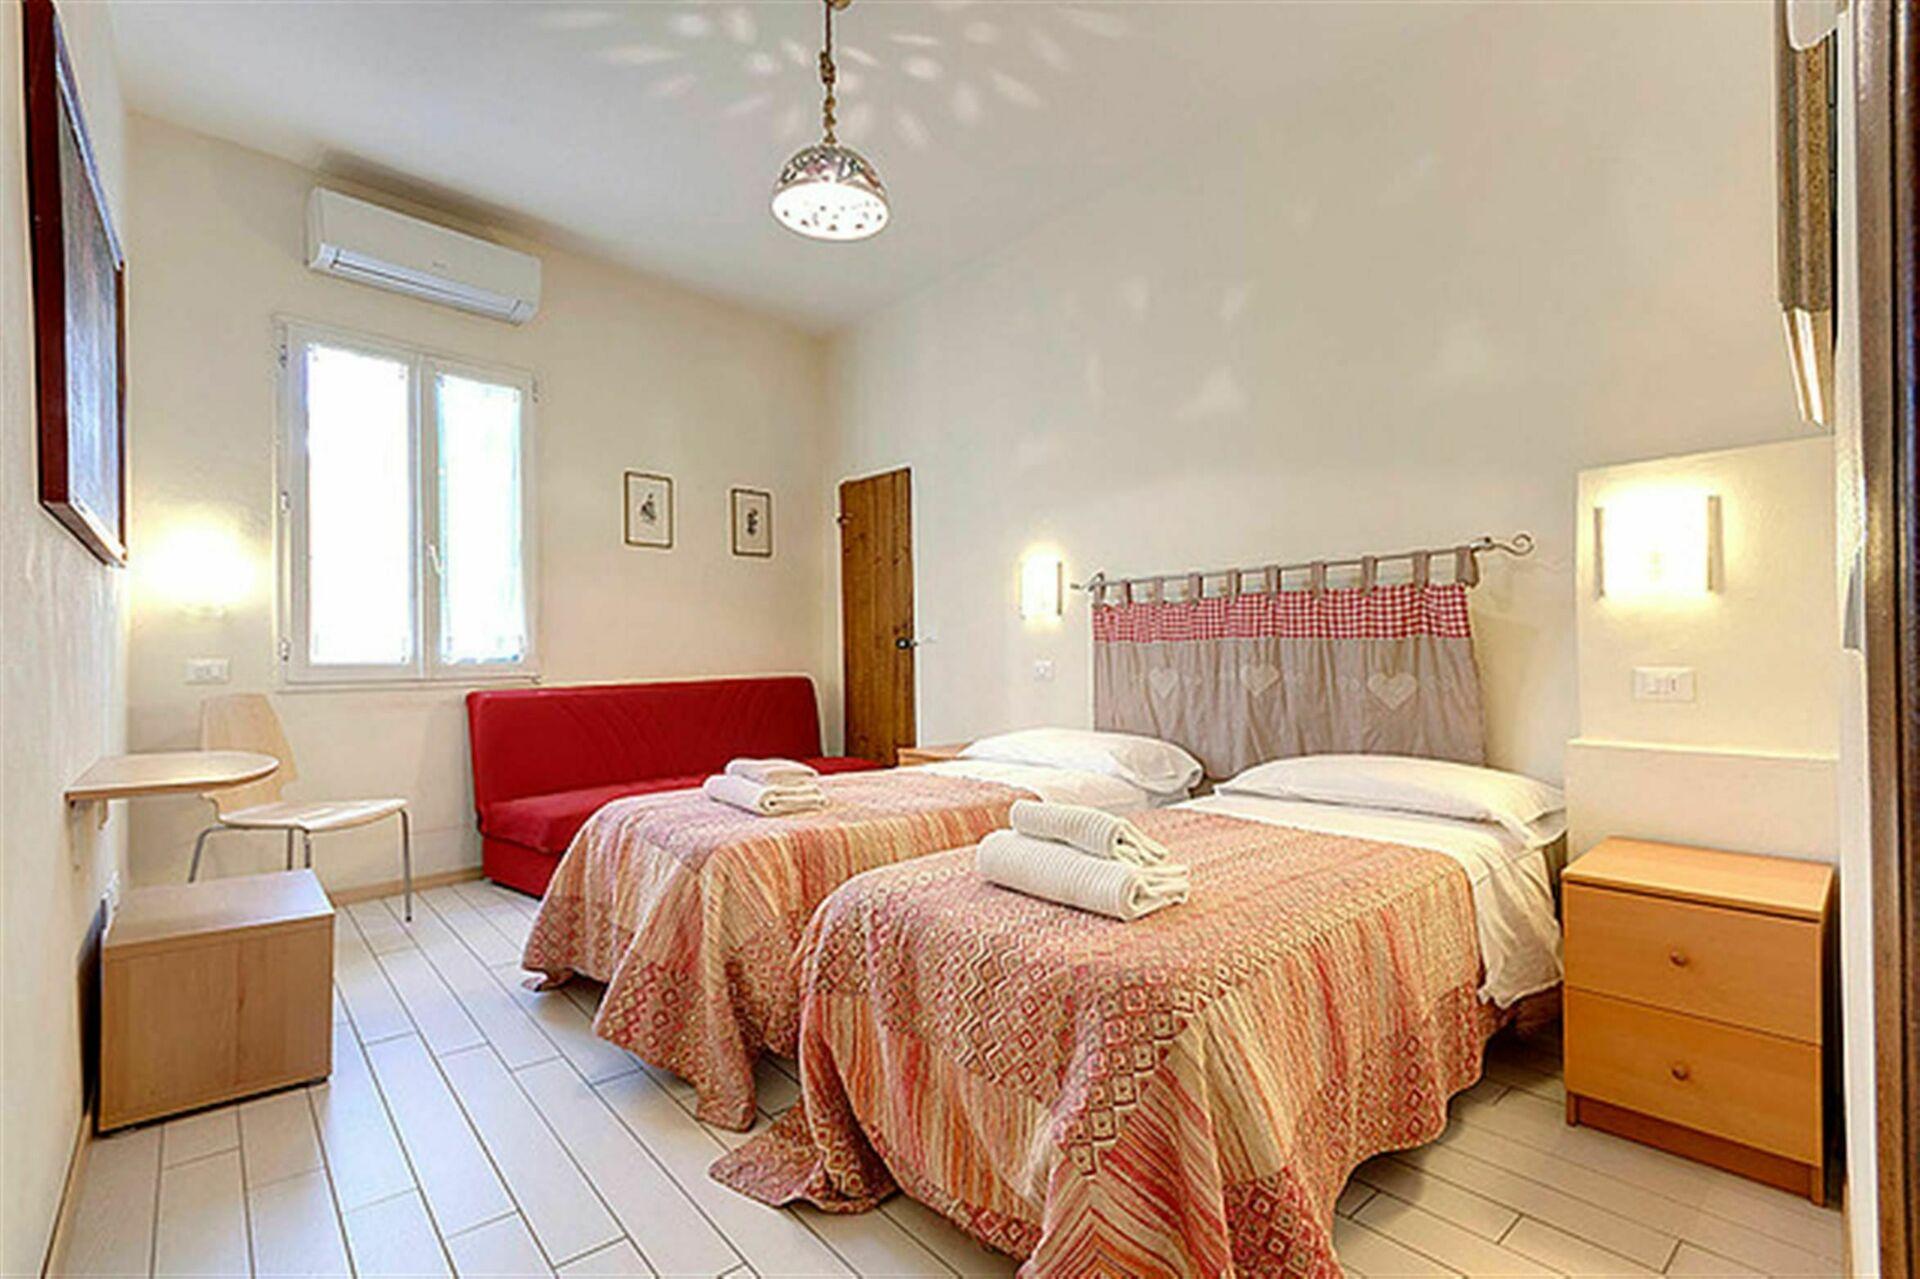 Cappelle medicee casa vacanze con 6 posti letto in 2 camere firenze toscana italia - Camere da letto firenze ...